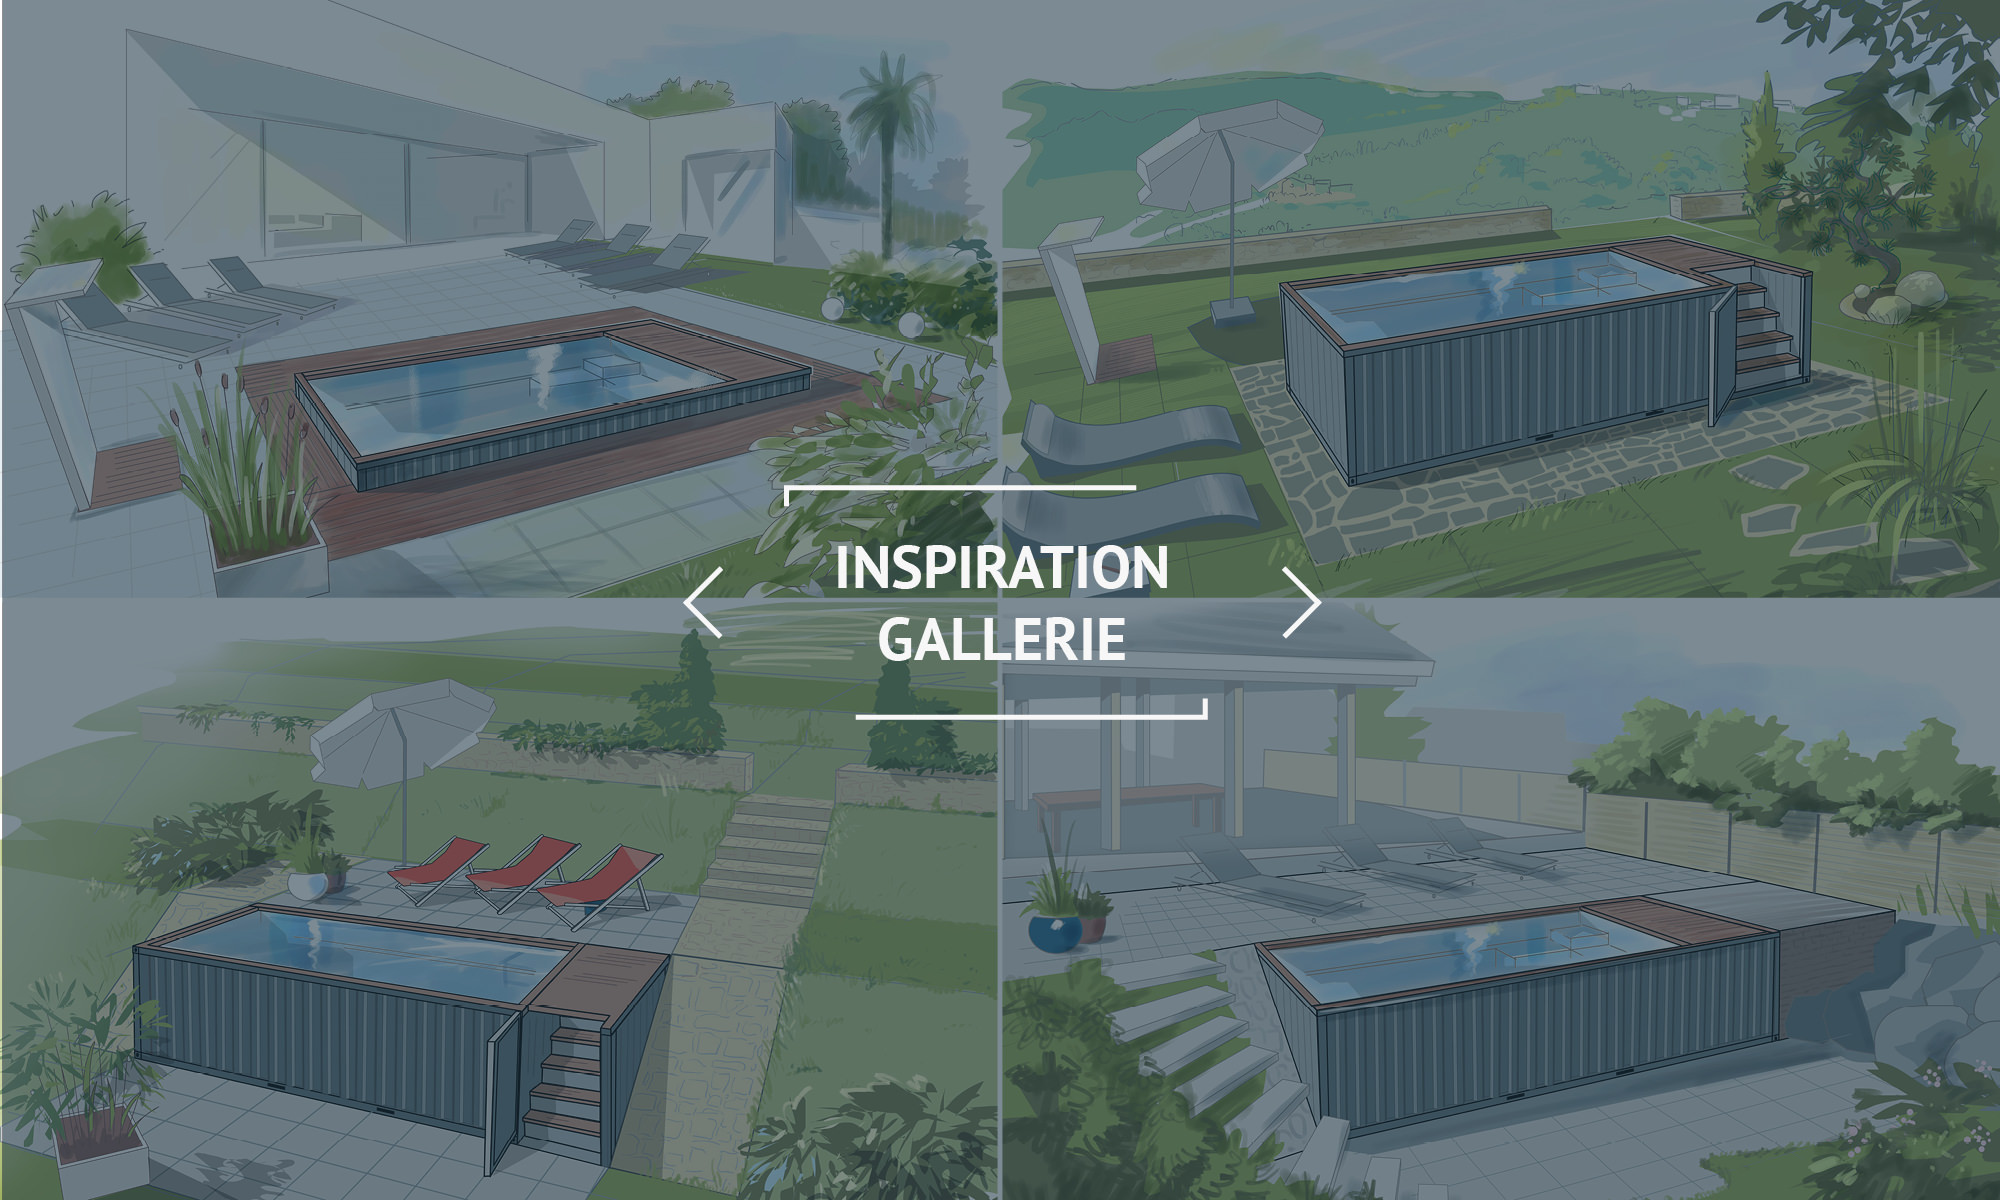 Enthralling Container Aufstellen Ohne Baugenehmigung The Best Of Maximaler Badespaß Auf Kompaktem Raum ǀ Handgefertigt